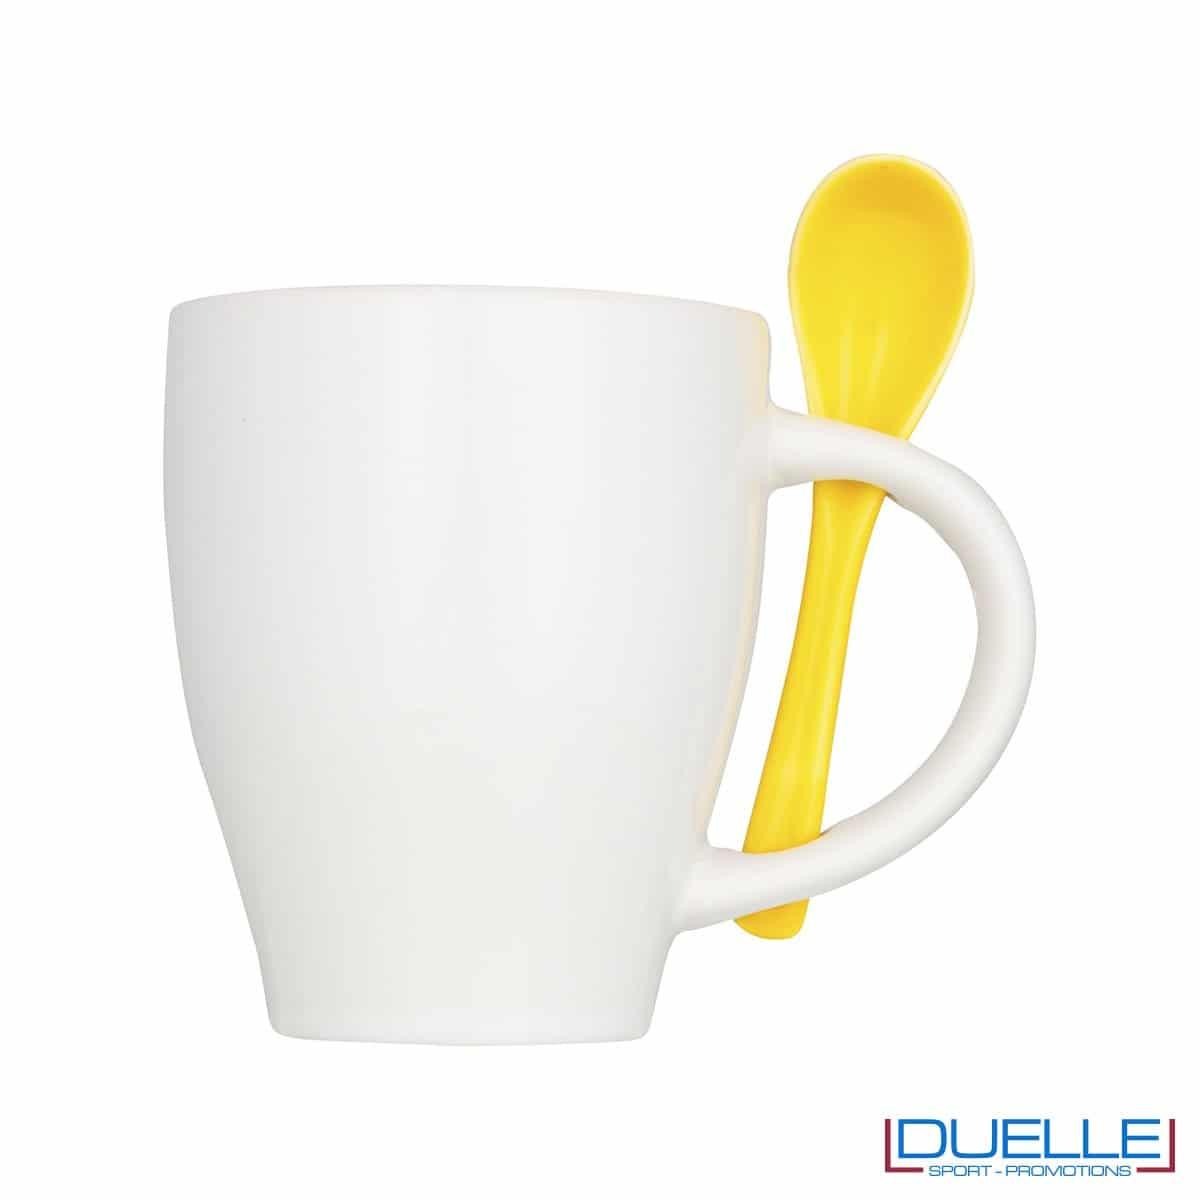 Tazza mug personalizzata con cucchiaino colore giallo